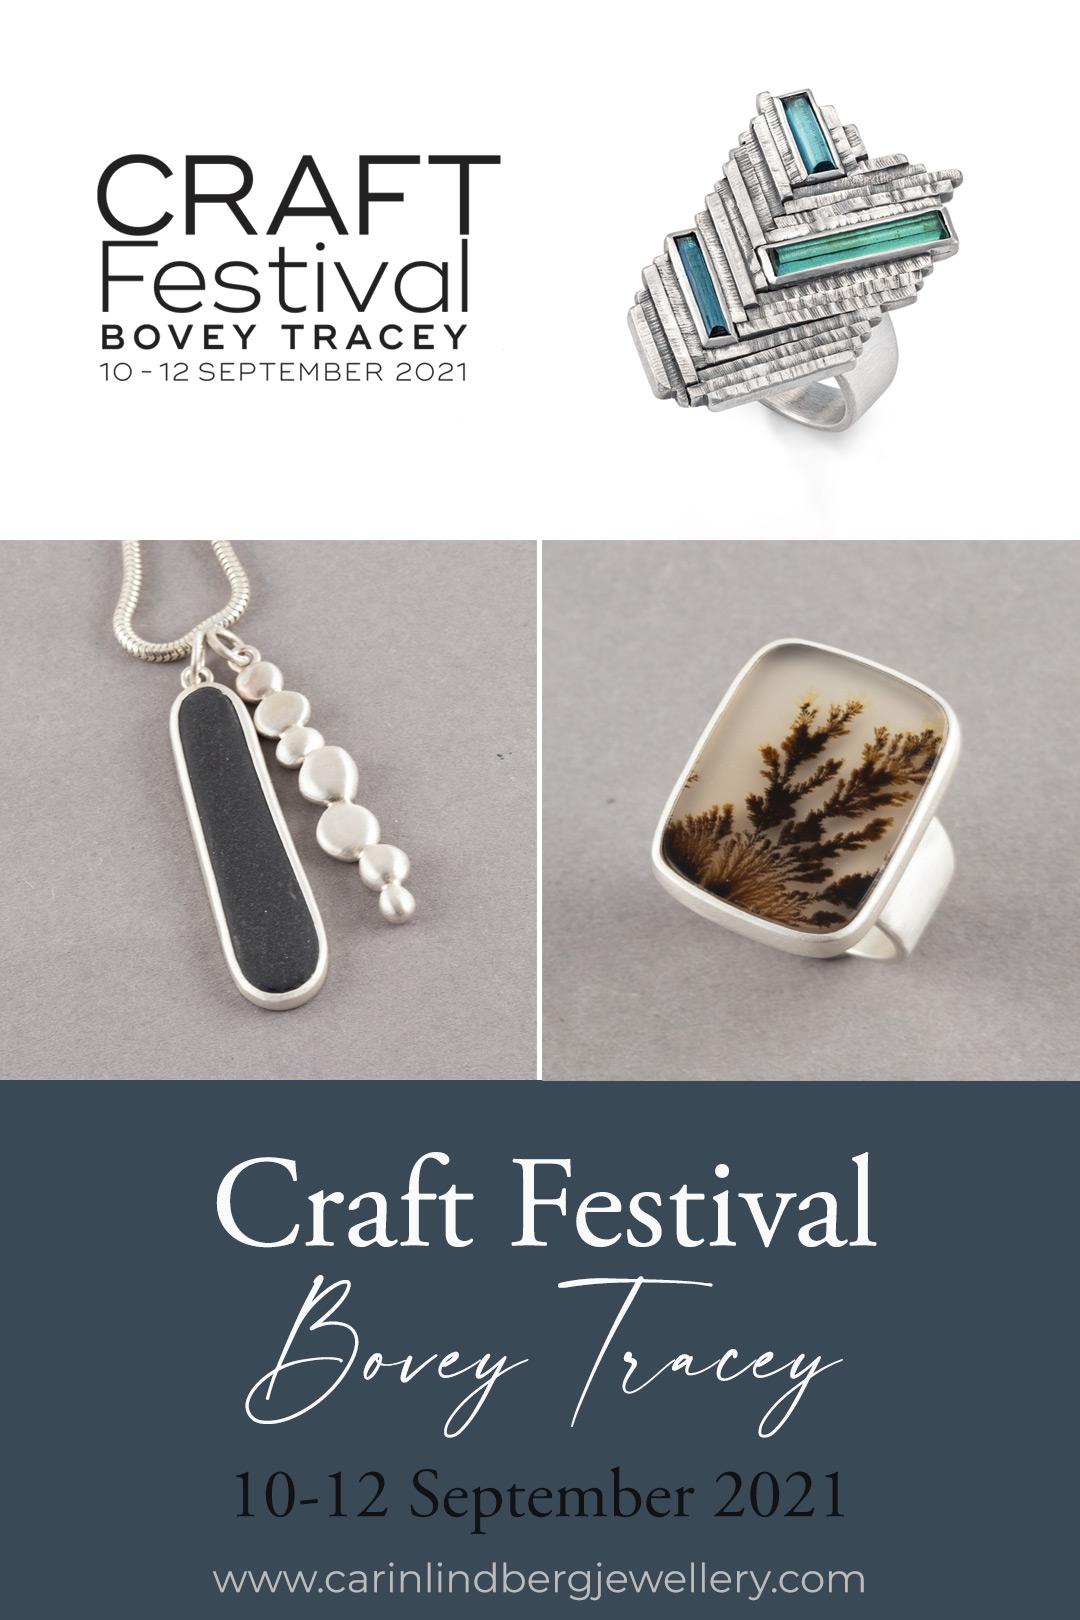 Bovey Tracey Craft Festival 10-12 September 2021